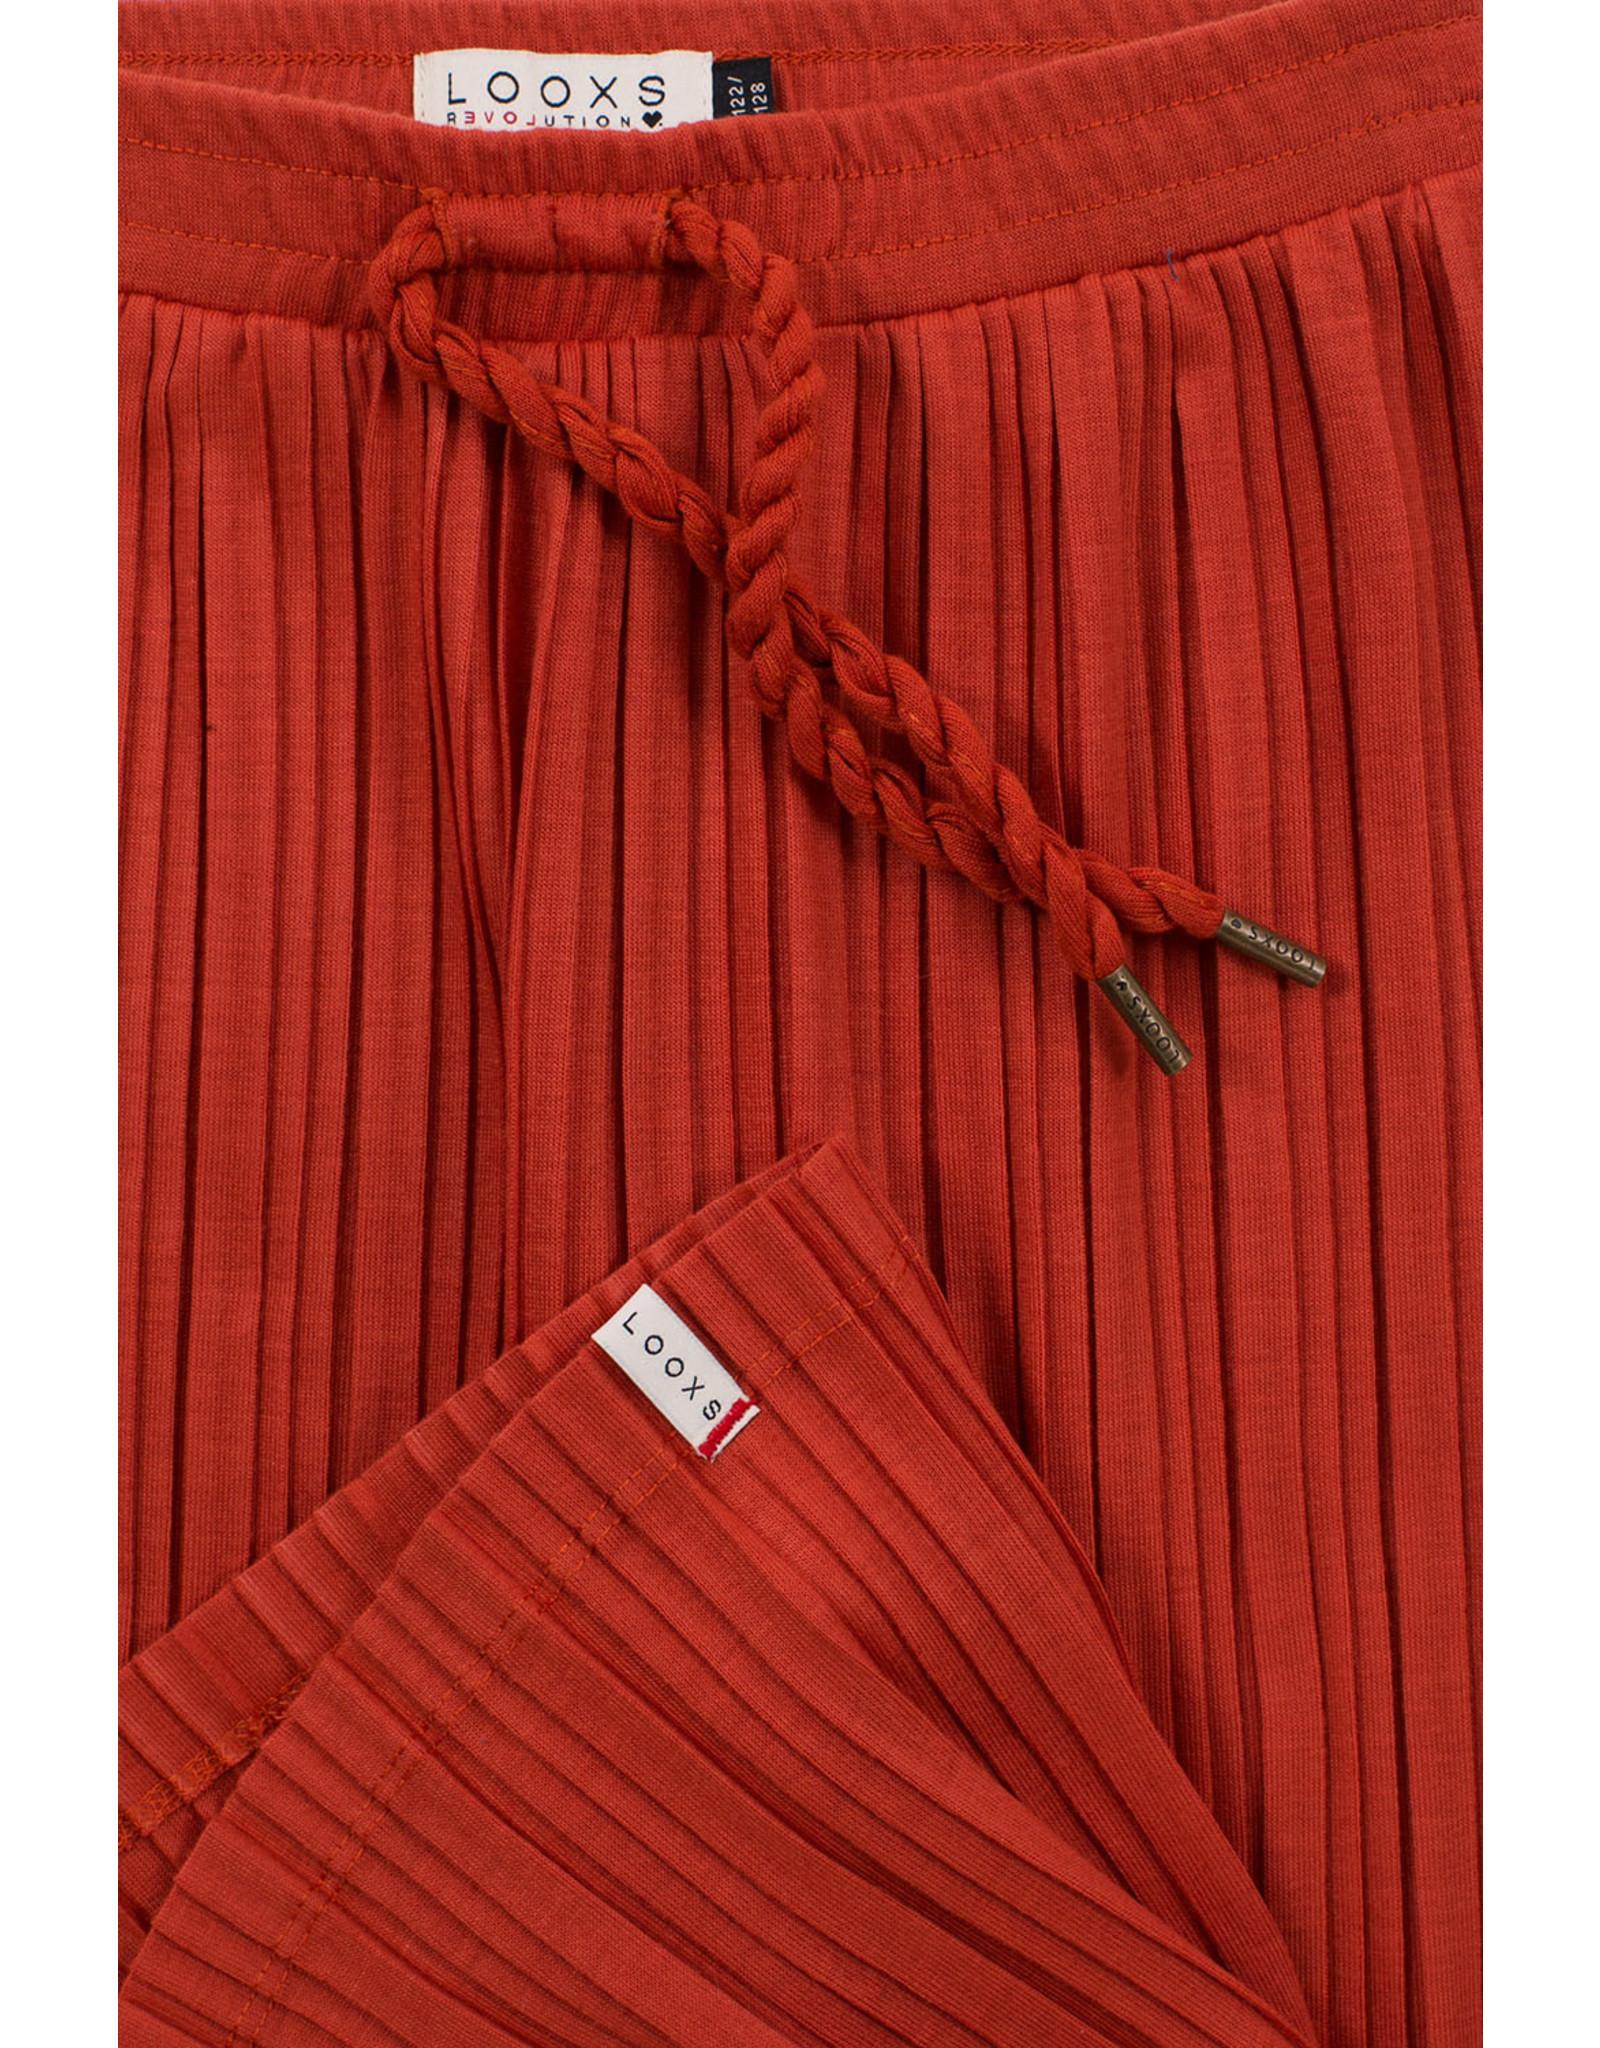 Looxs 10SIXTEEN 10Sixteen Wide leg plisse pants